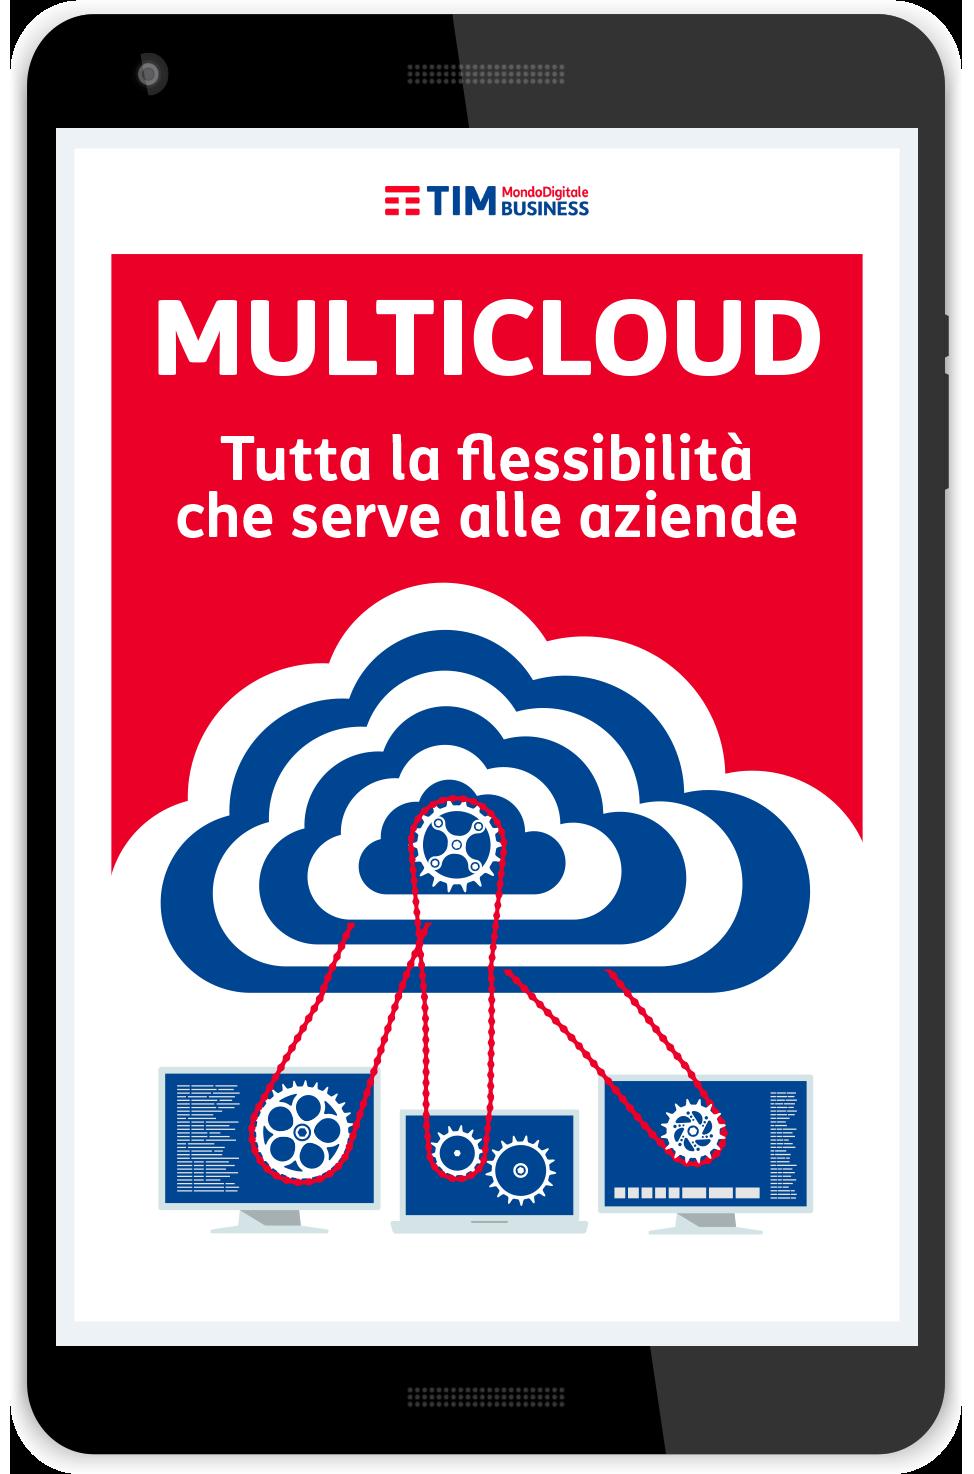 mockup_Multicloud-tutta-la-flessibilita-che-serve-alle-aziende